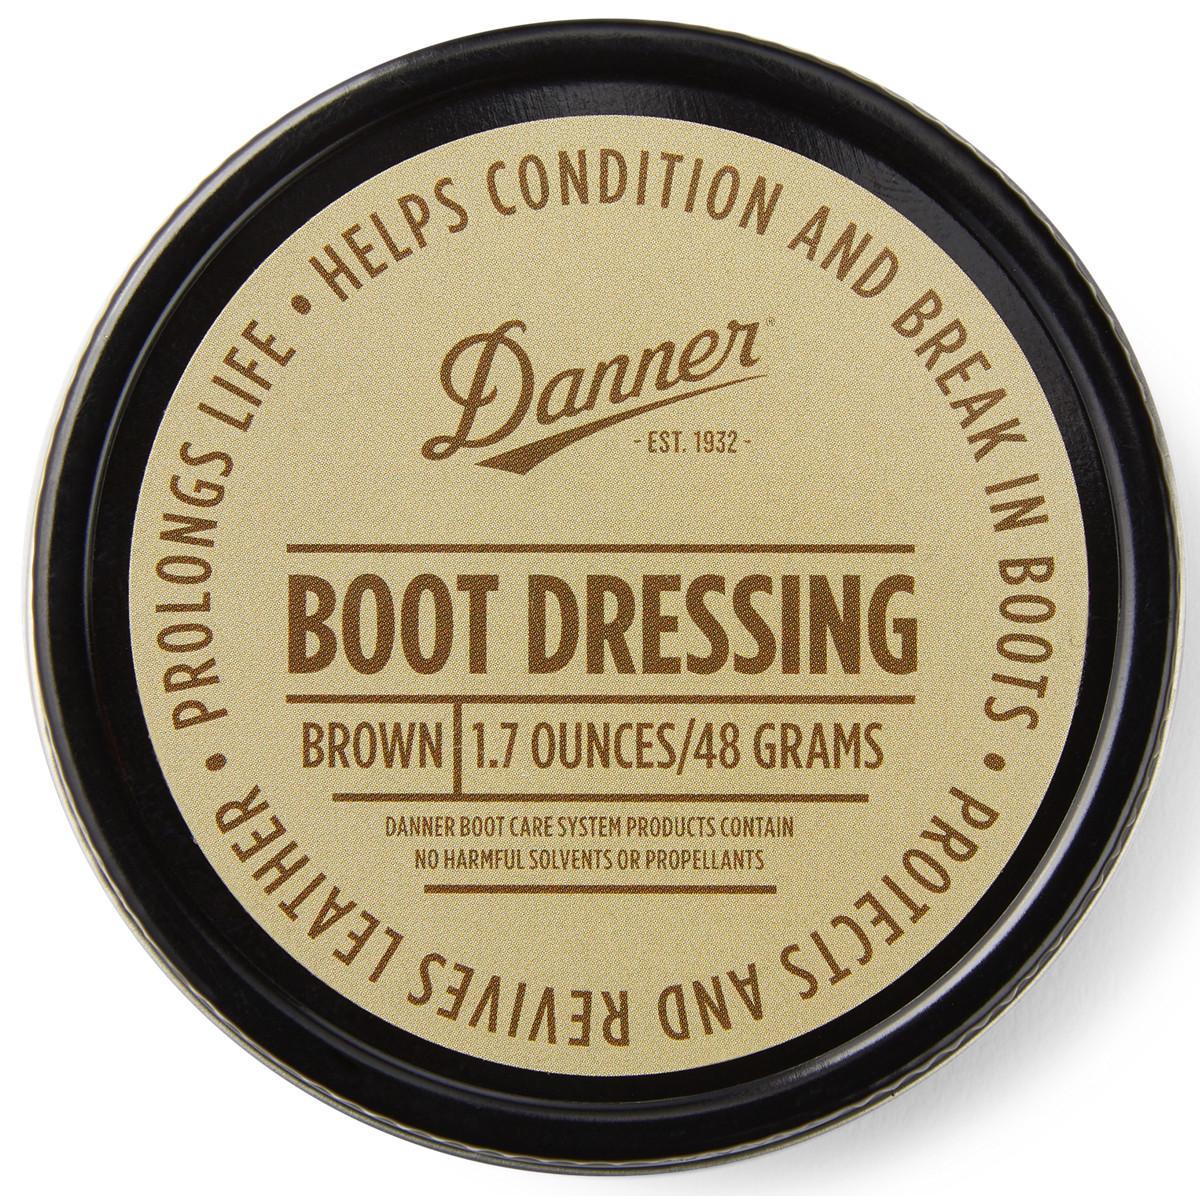 Danner Boot Dressing Brown (1.7 oz)